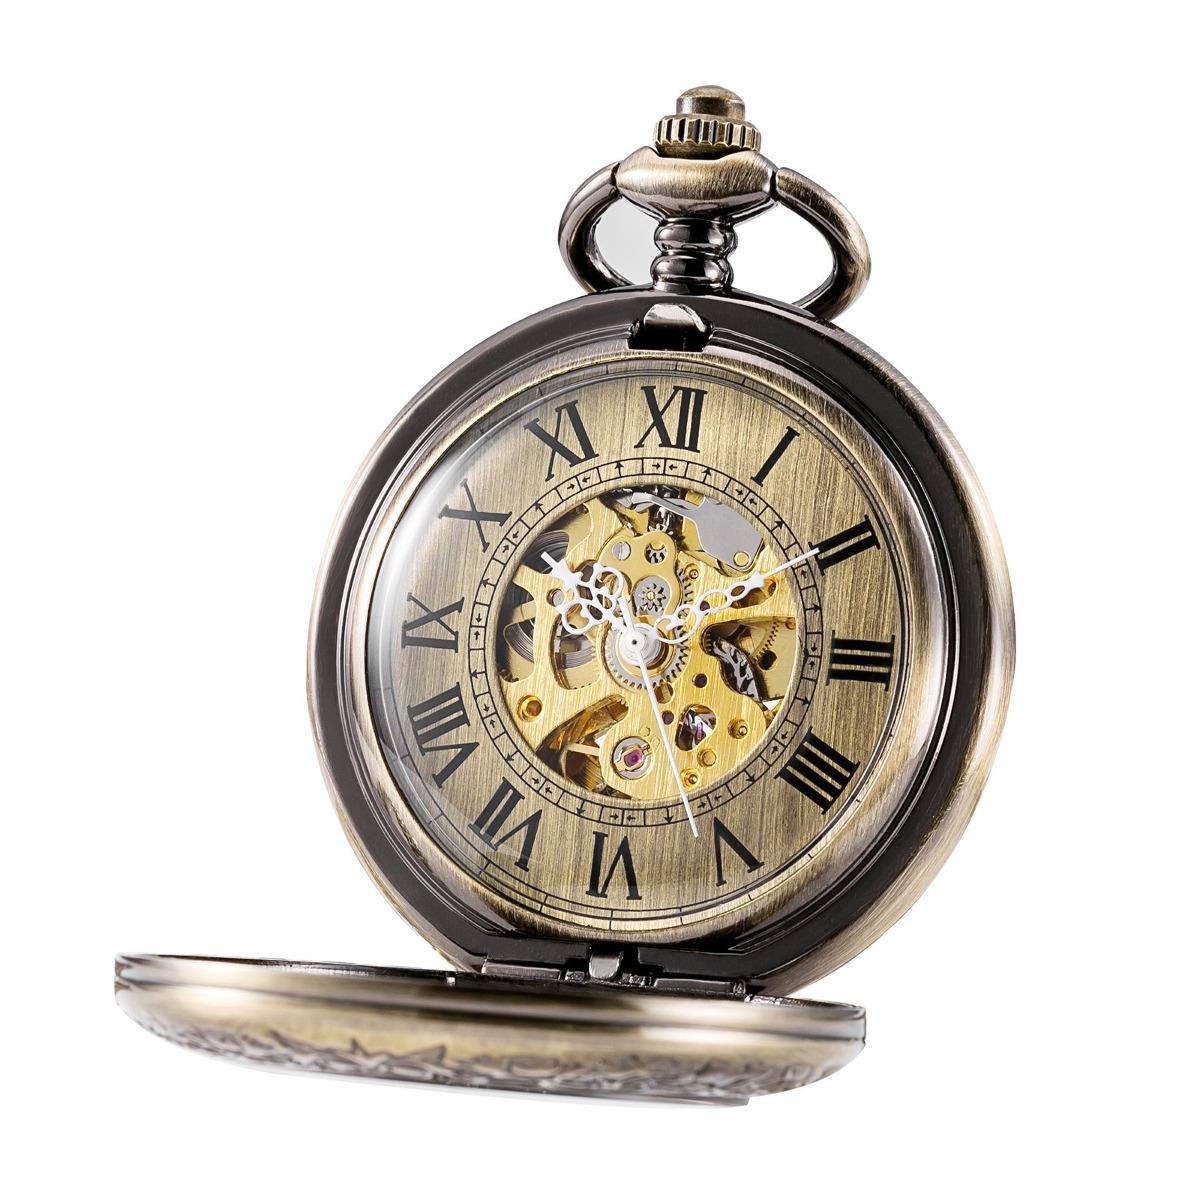 calidad 60% de liquidación mejor precio Treeweto Reloj De Bolsillo Mecánico Automático Half Hunte